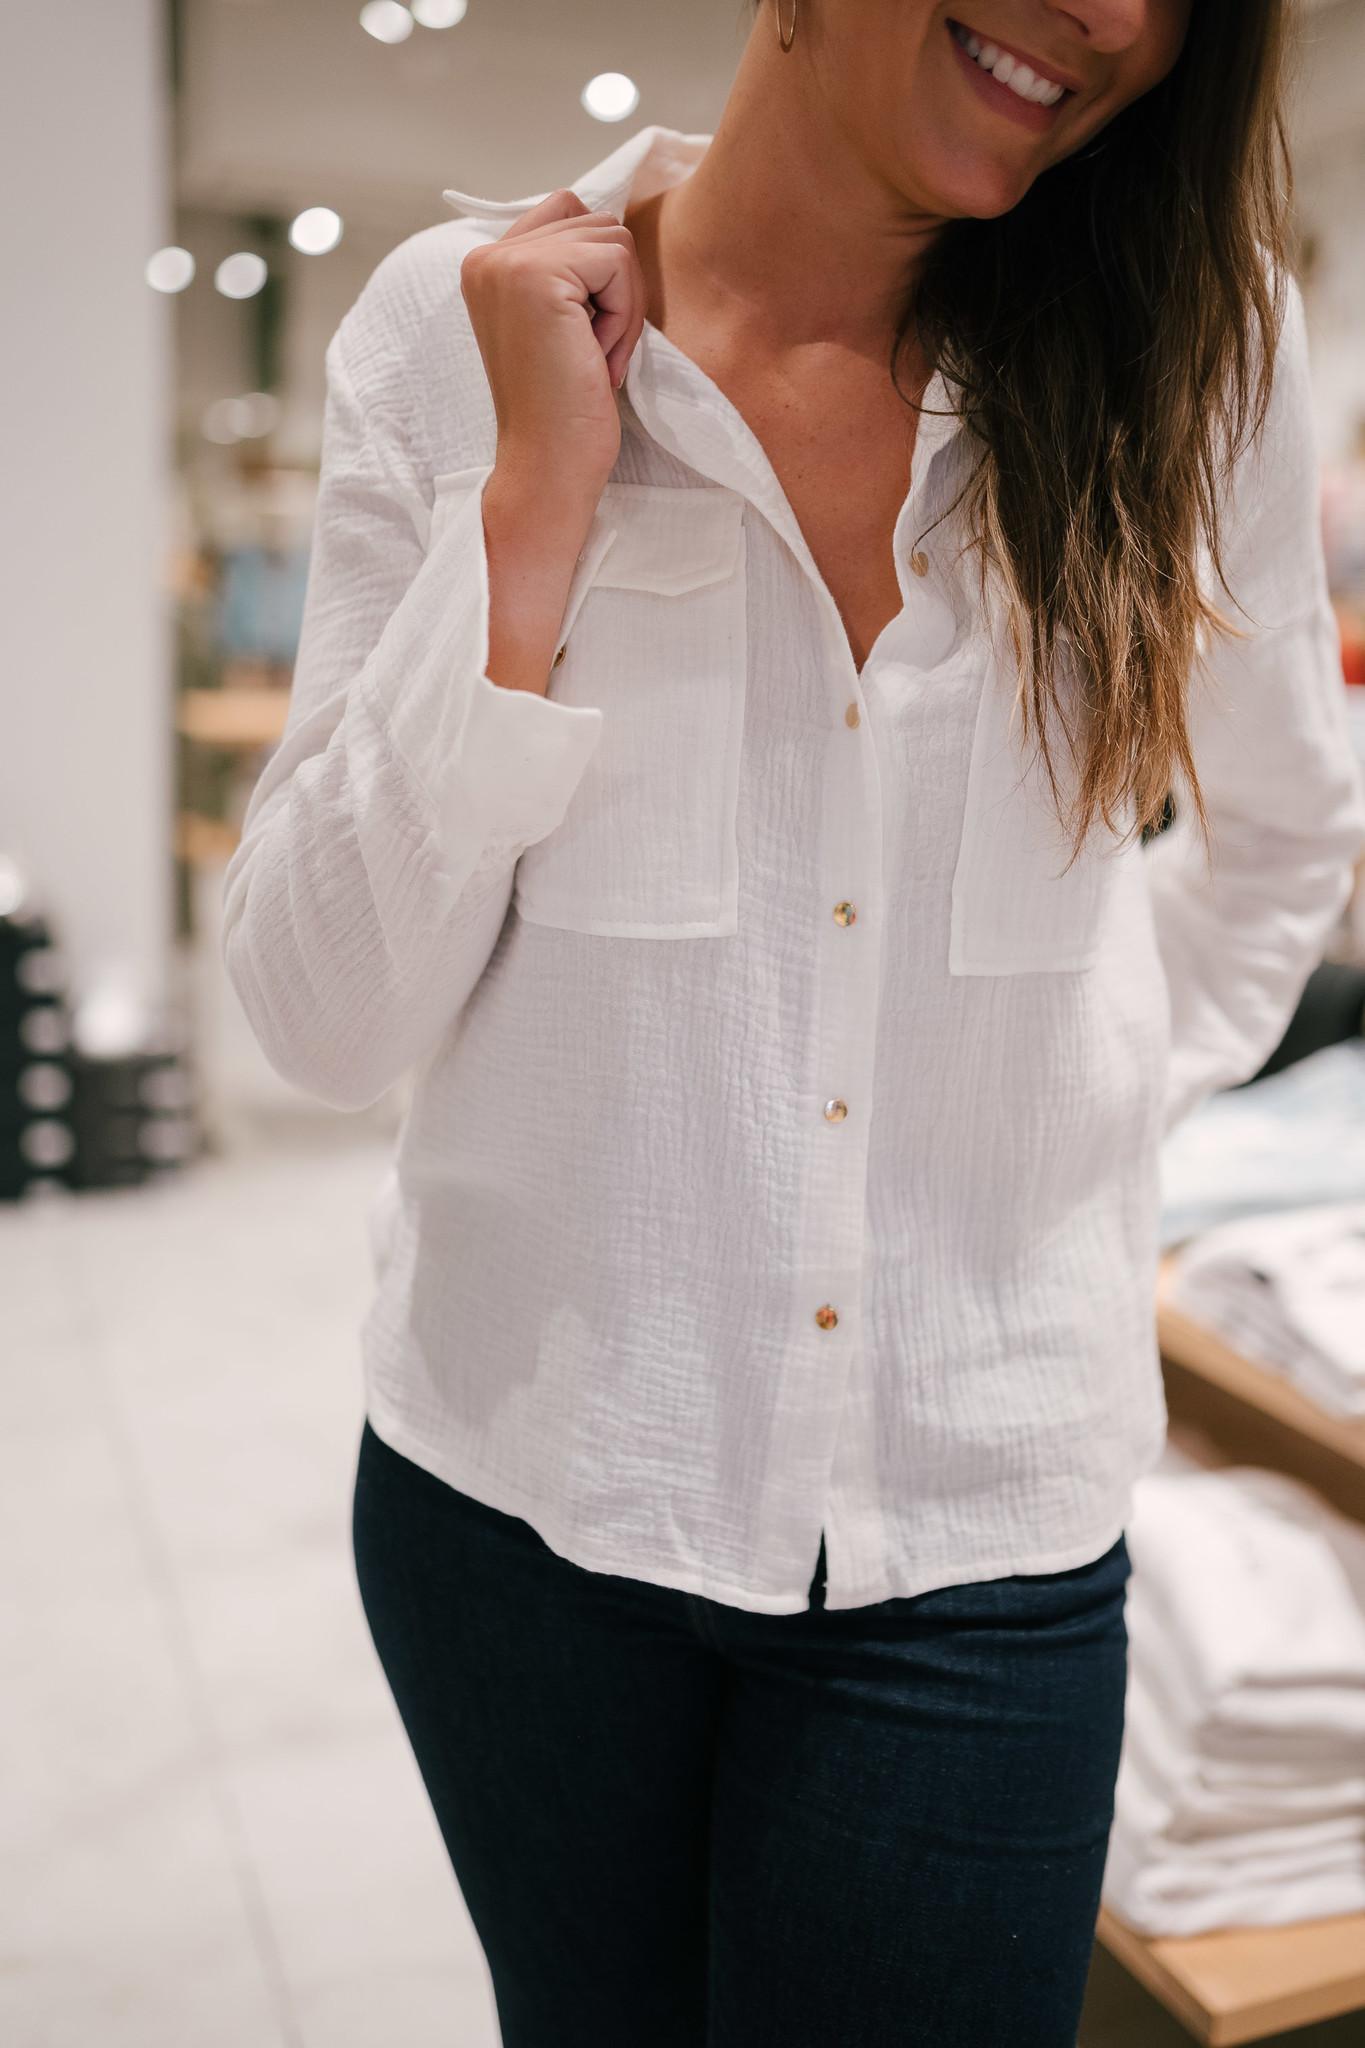 DAVY chemise-1